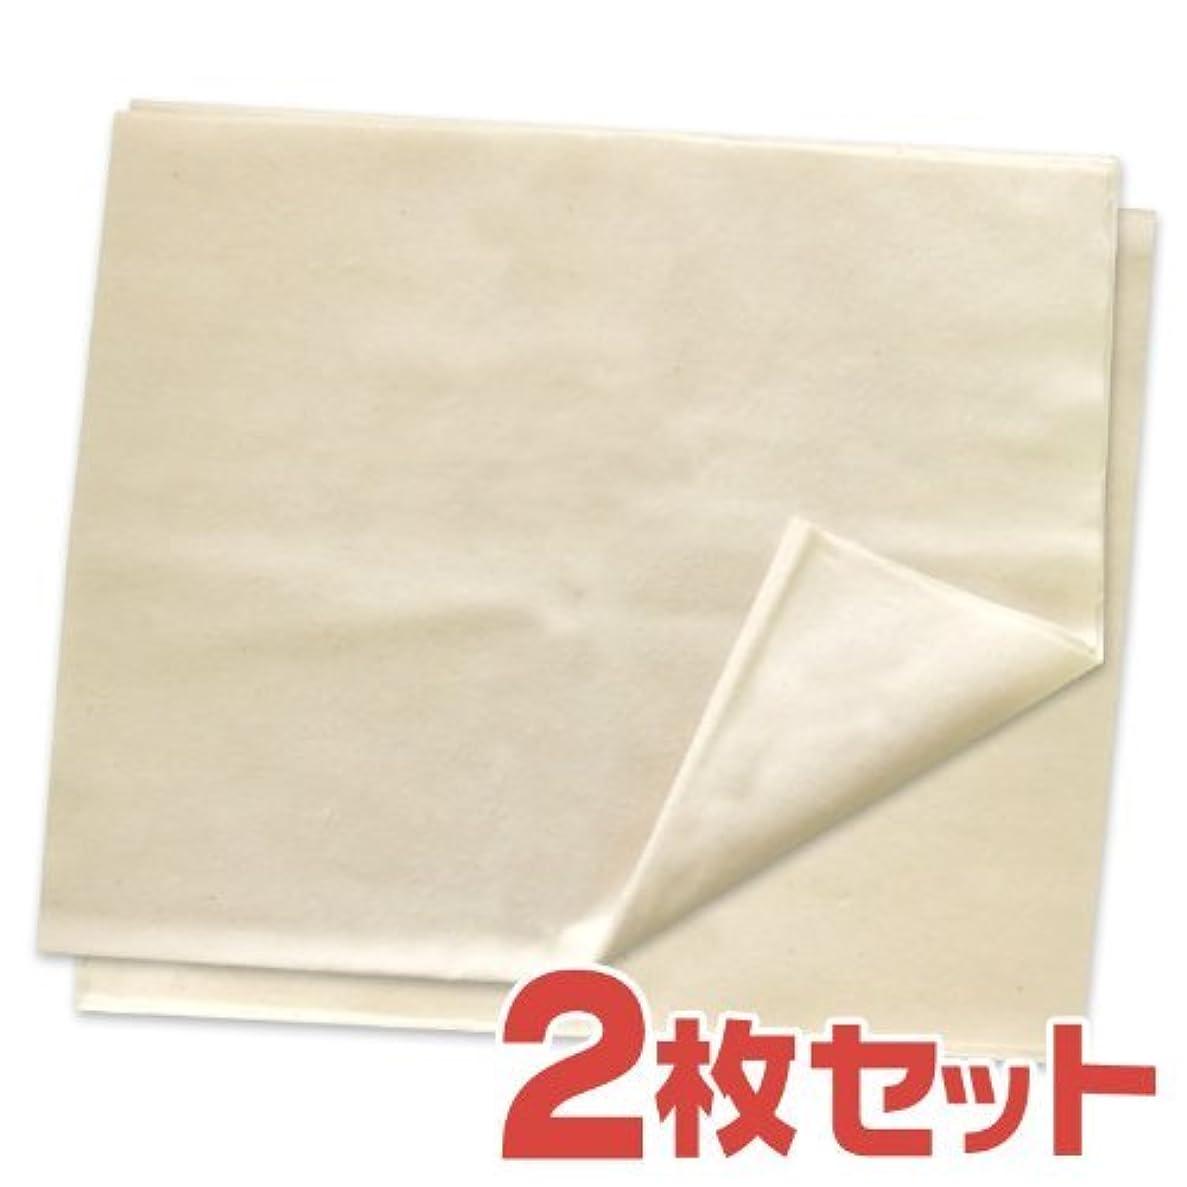 土器化粧要求コットンフランネル2枚セット (コットンネル生地、綿100%、ヒマシ油パック、パック、ひまし油パック、ヒマシ油湿布、アーユルヴェーダ、ホリスティック)